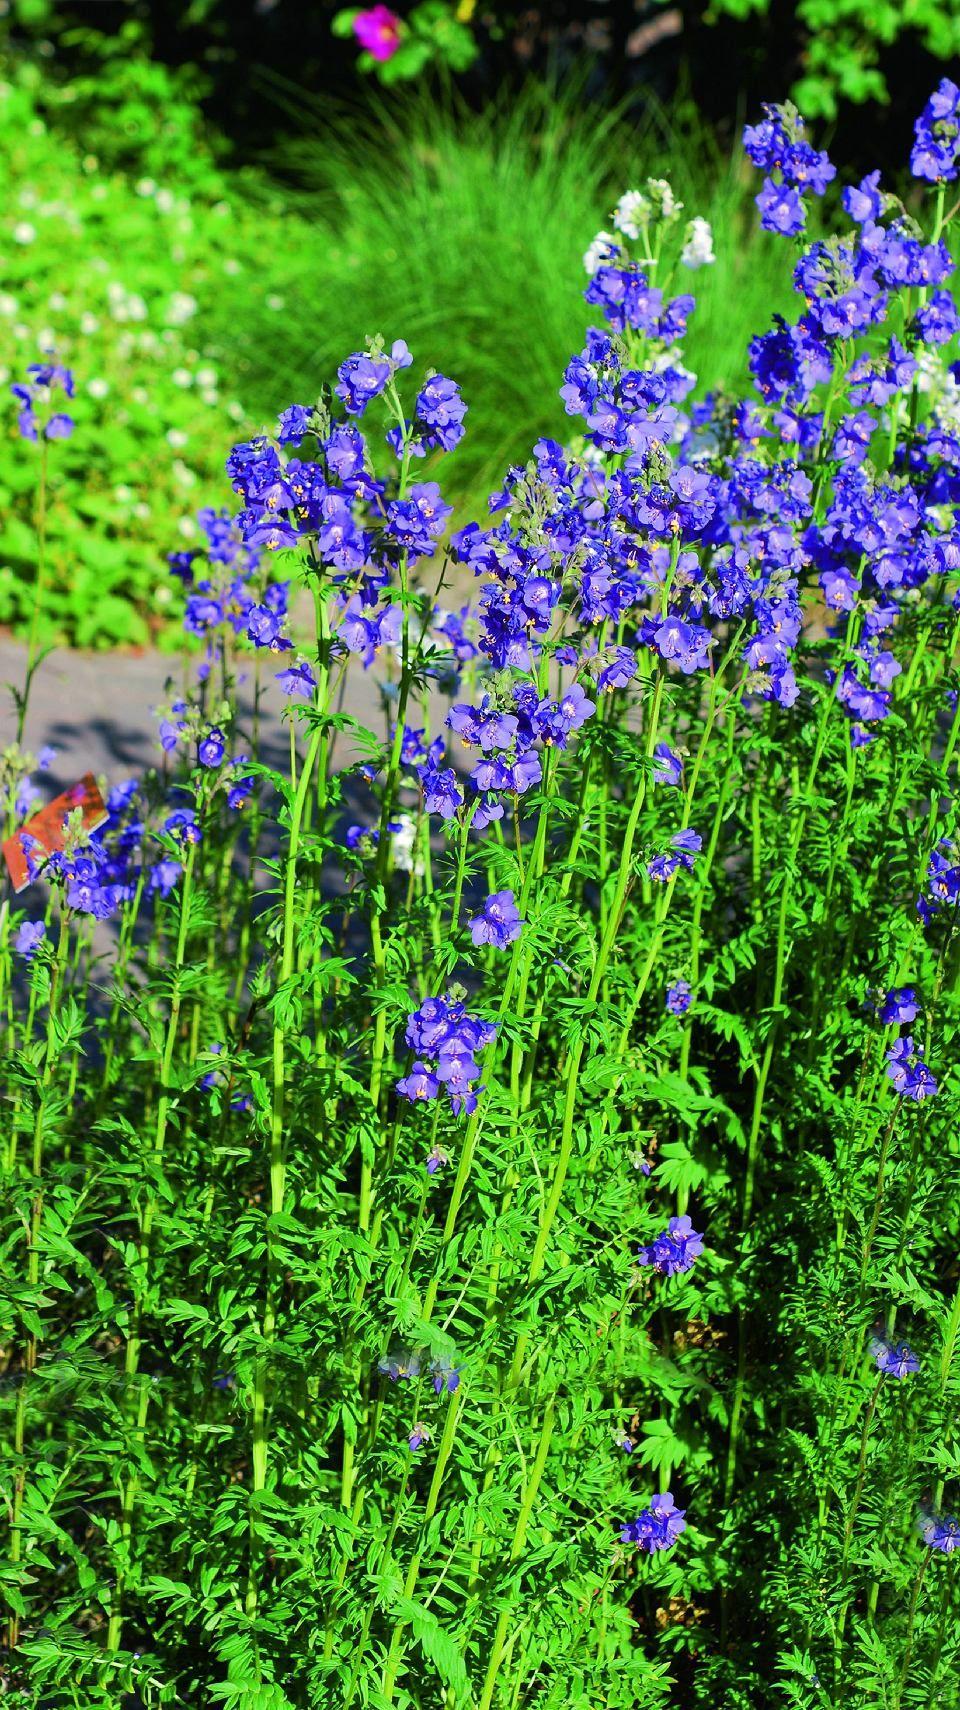 Nasiona Kwiatow Pnos Ozarow Flowers Plants Garden